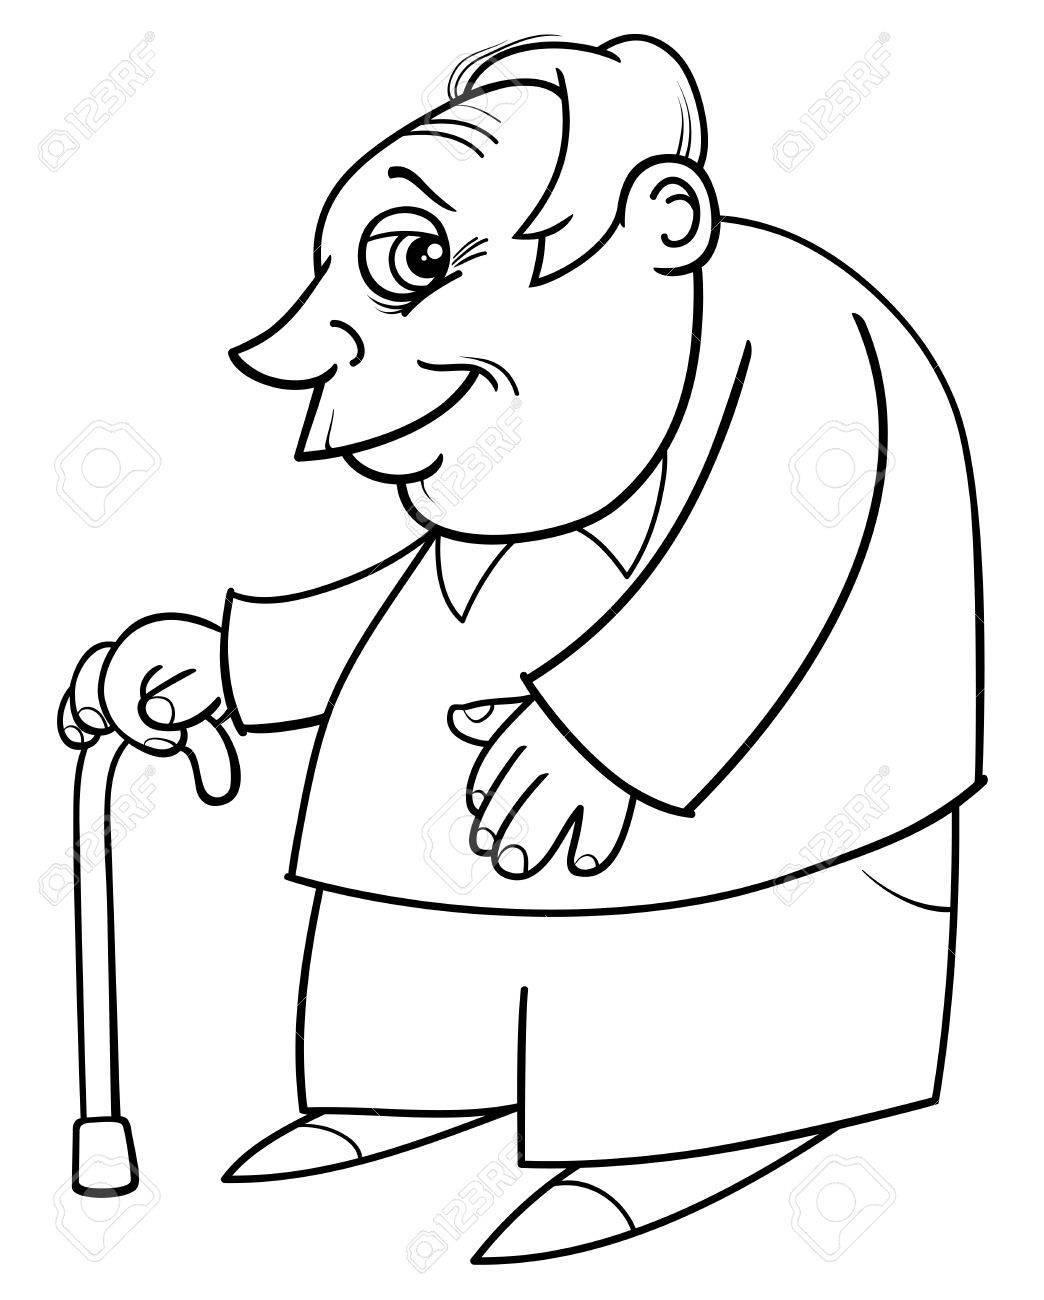 Ilustración De Dibujos Animados En Blanco Y Negro De La Tercera Edad ...